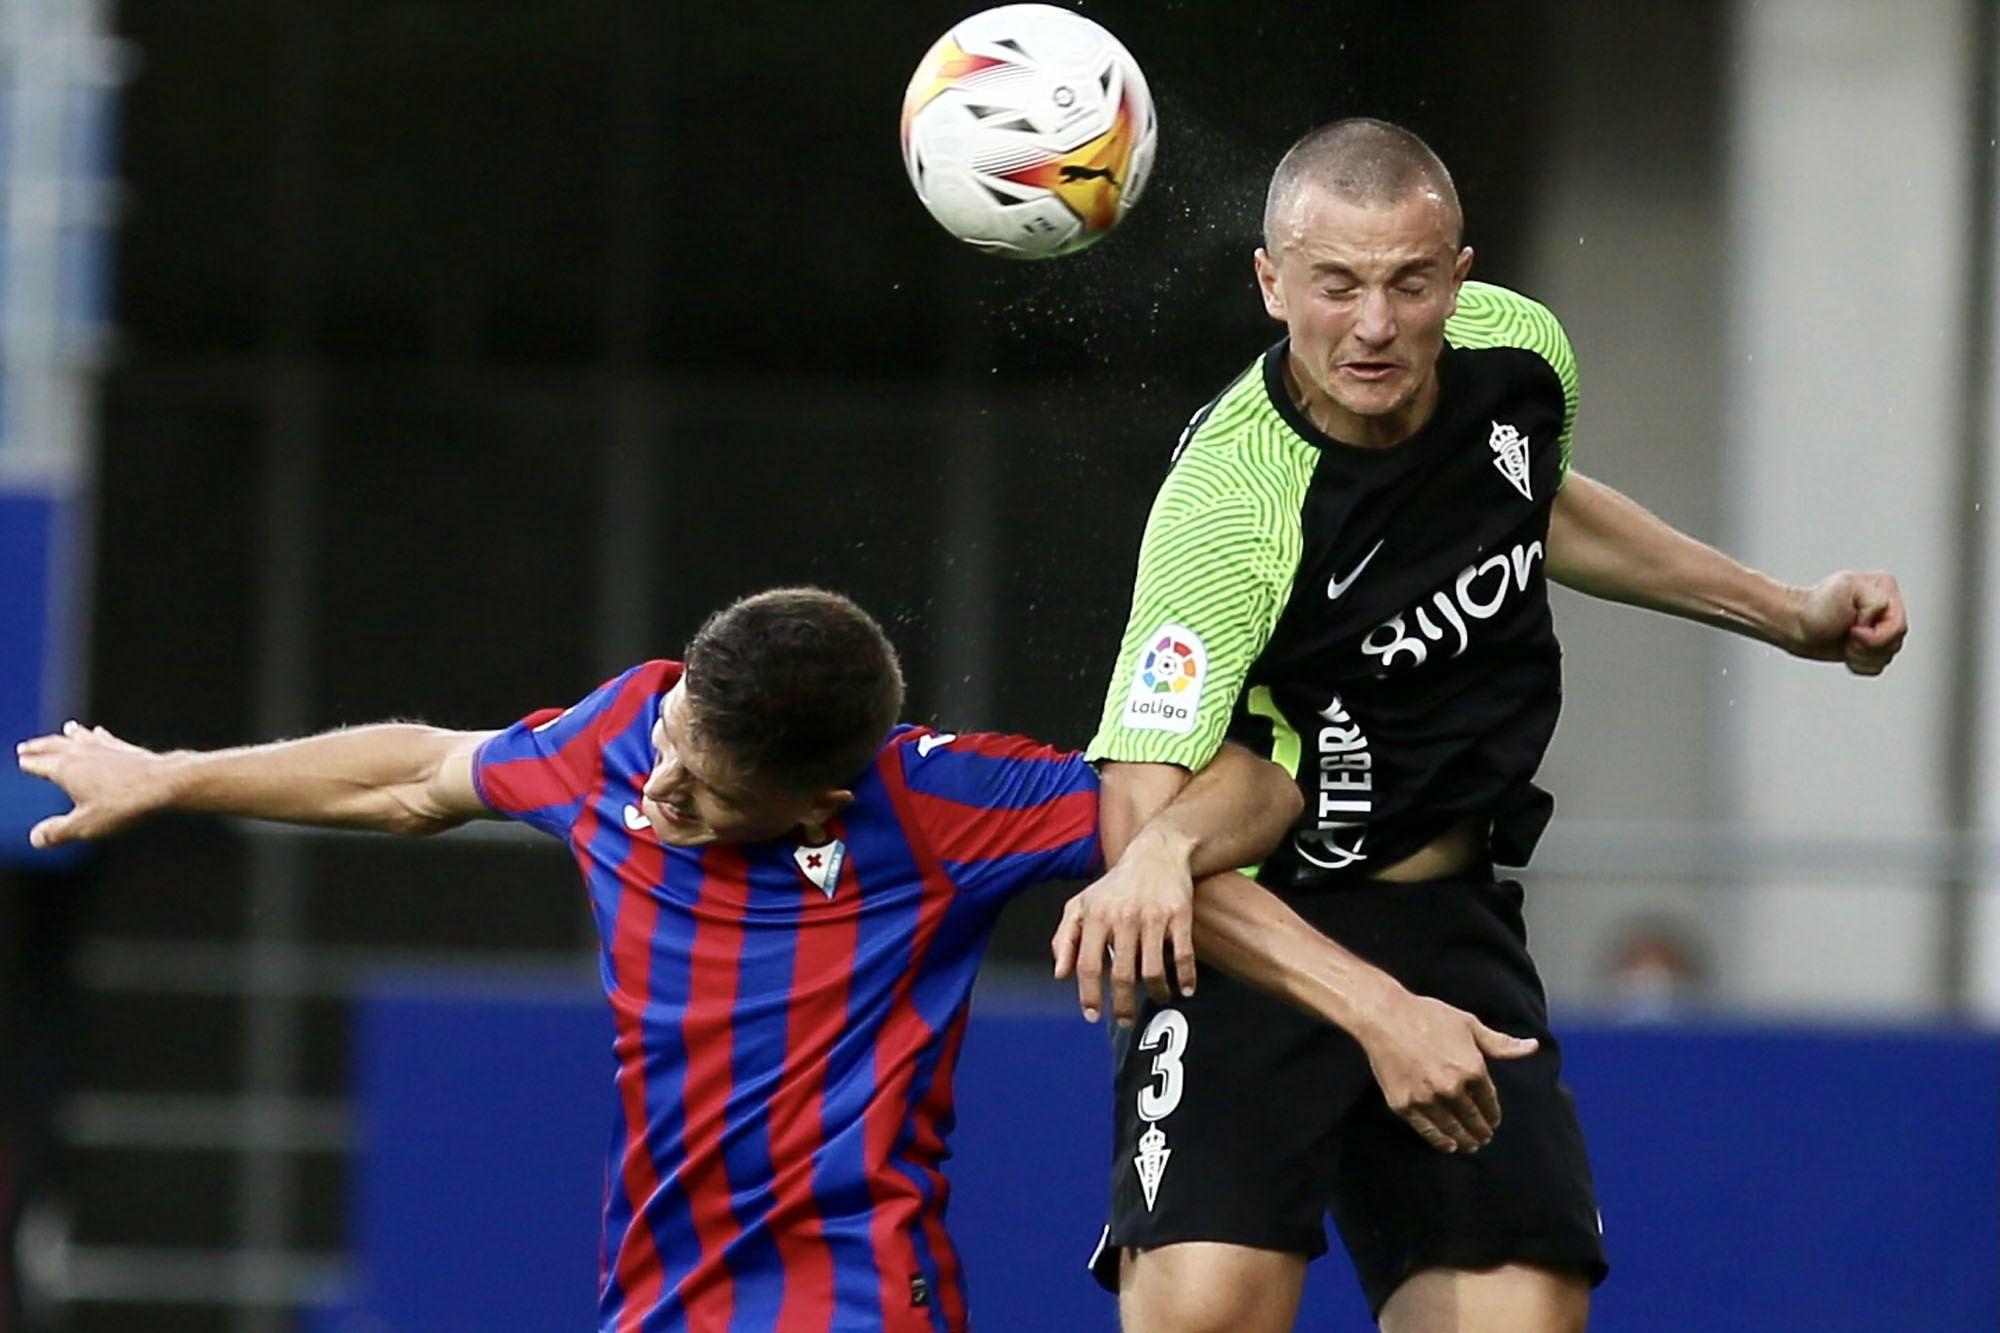 El partido entre el Eibar y el Sporting, en imágenes